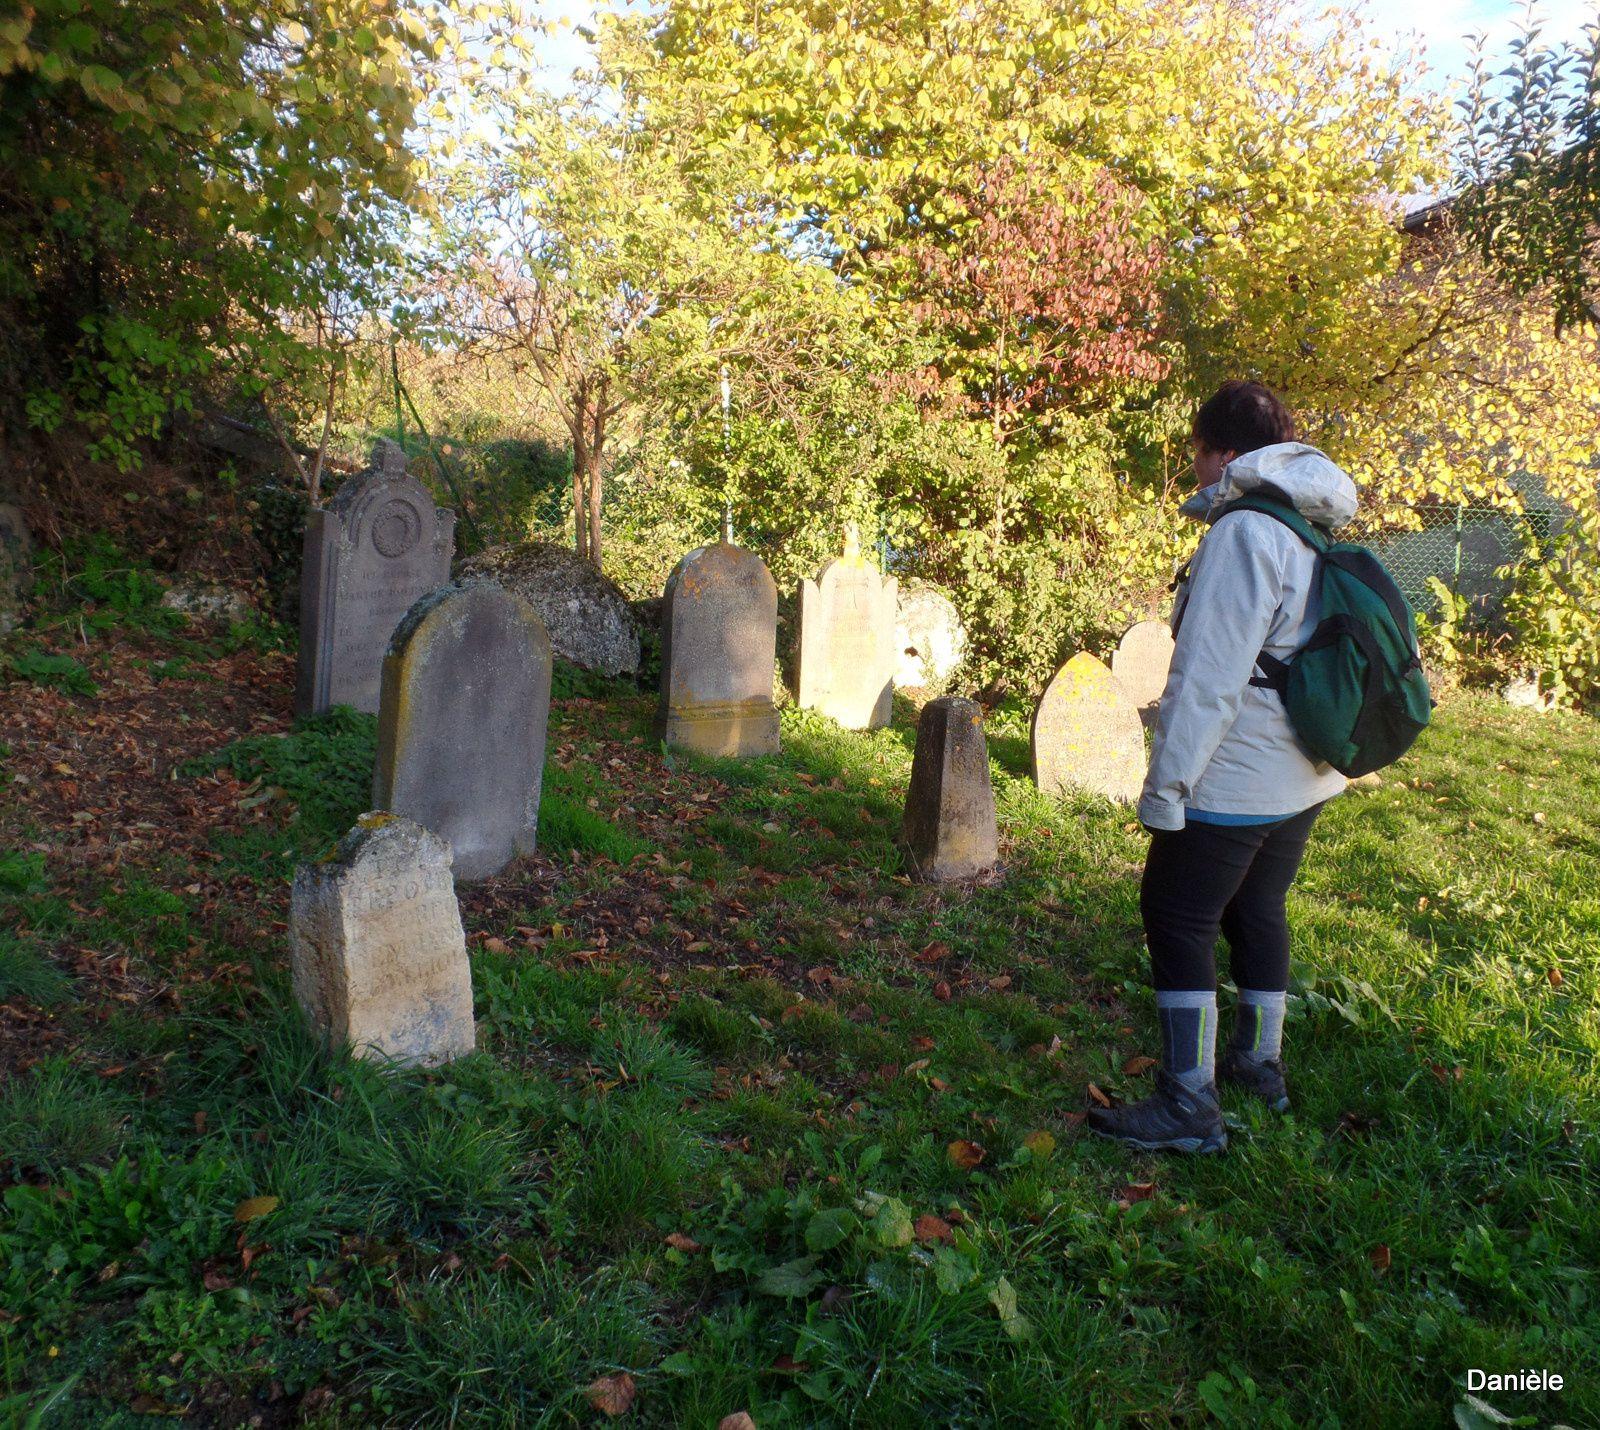 Les pierres tombalesd dans ce cimetière désaffecté en 1891, laisse Bernadette songeuse. D'ici belle vue sur les Monts du Forez.